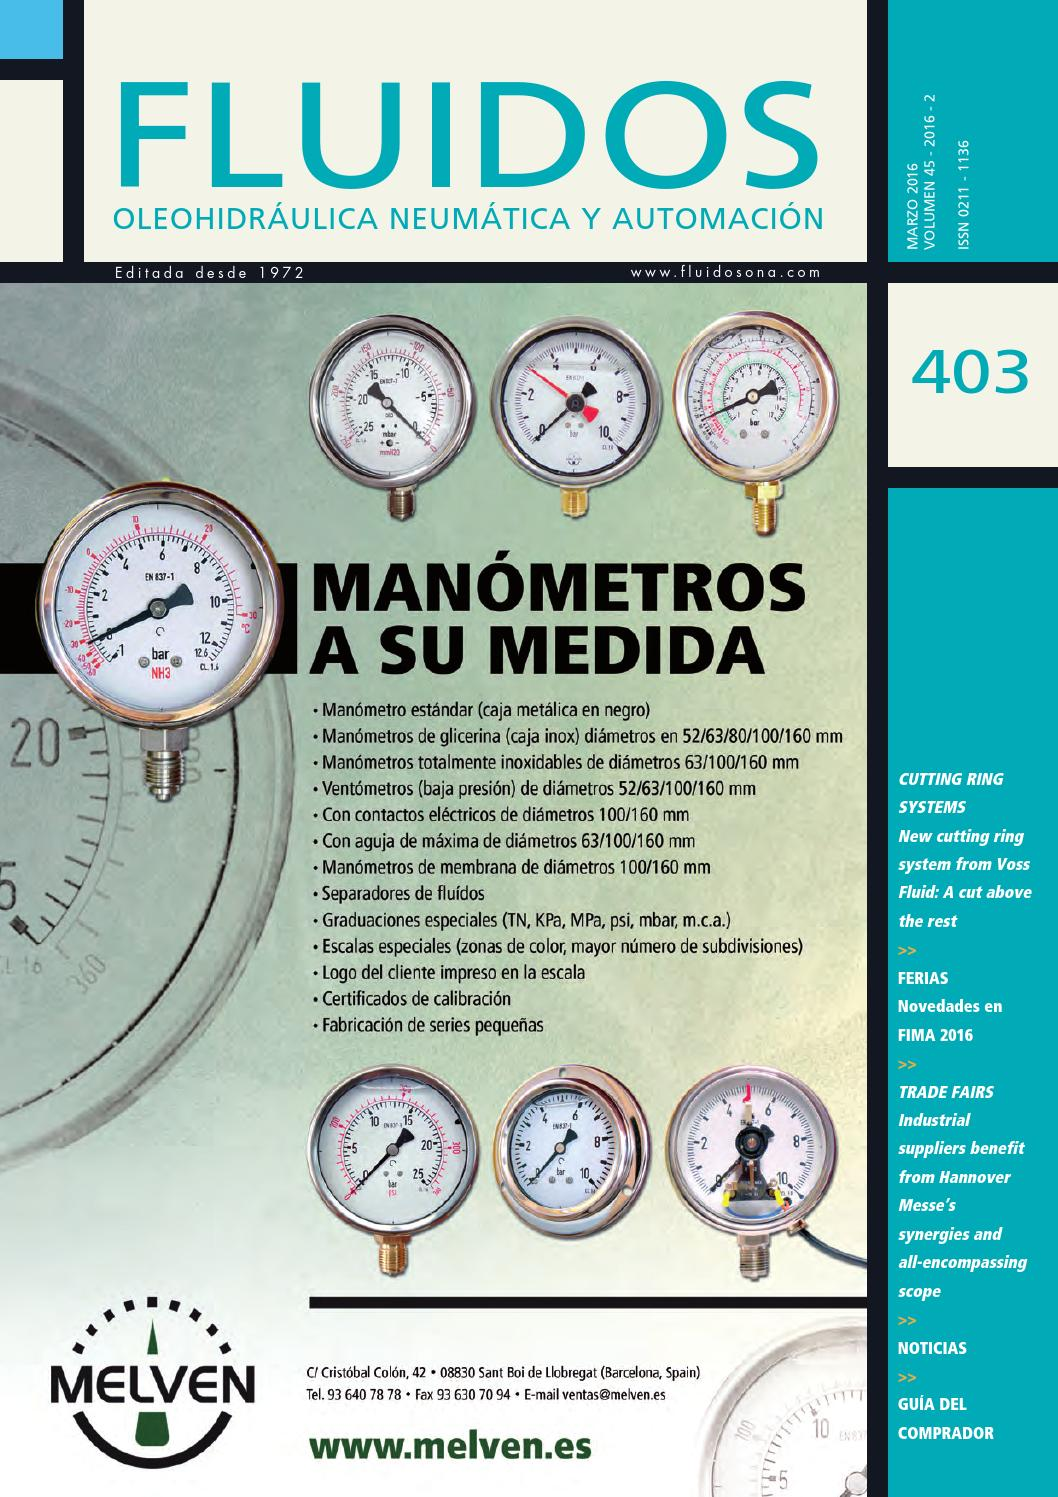 Fluidos nº403 by Publica SL - issuu